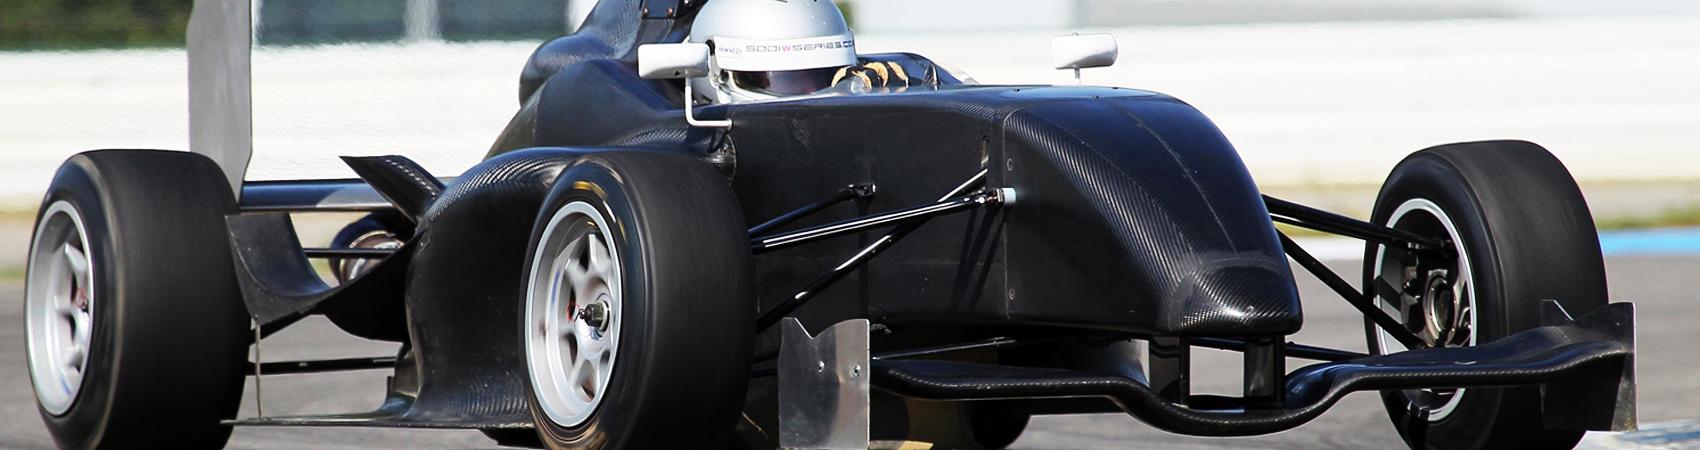 f4-formula-motorsport-home